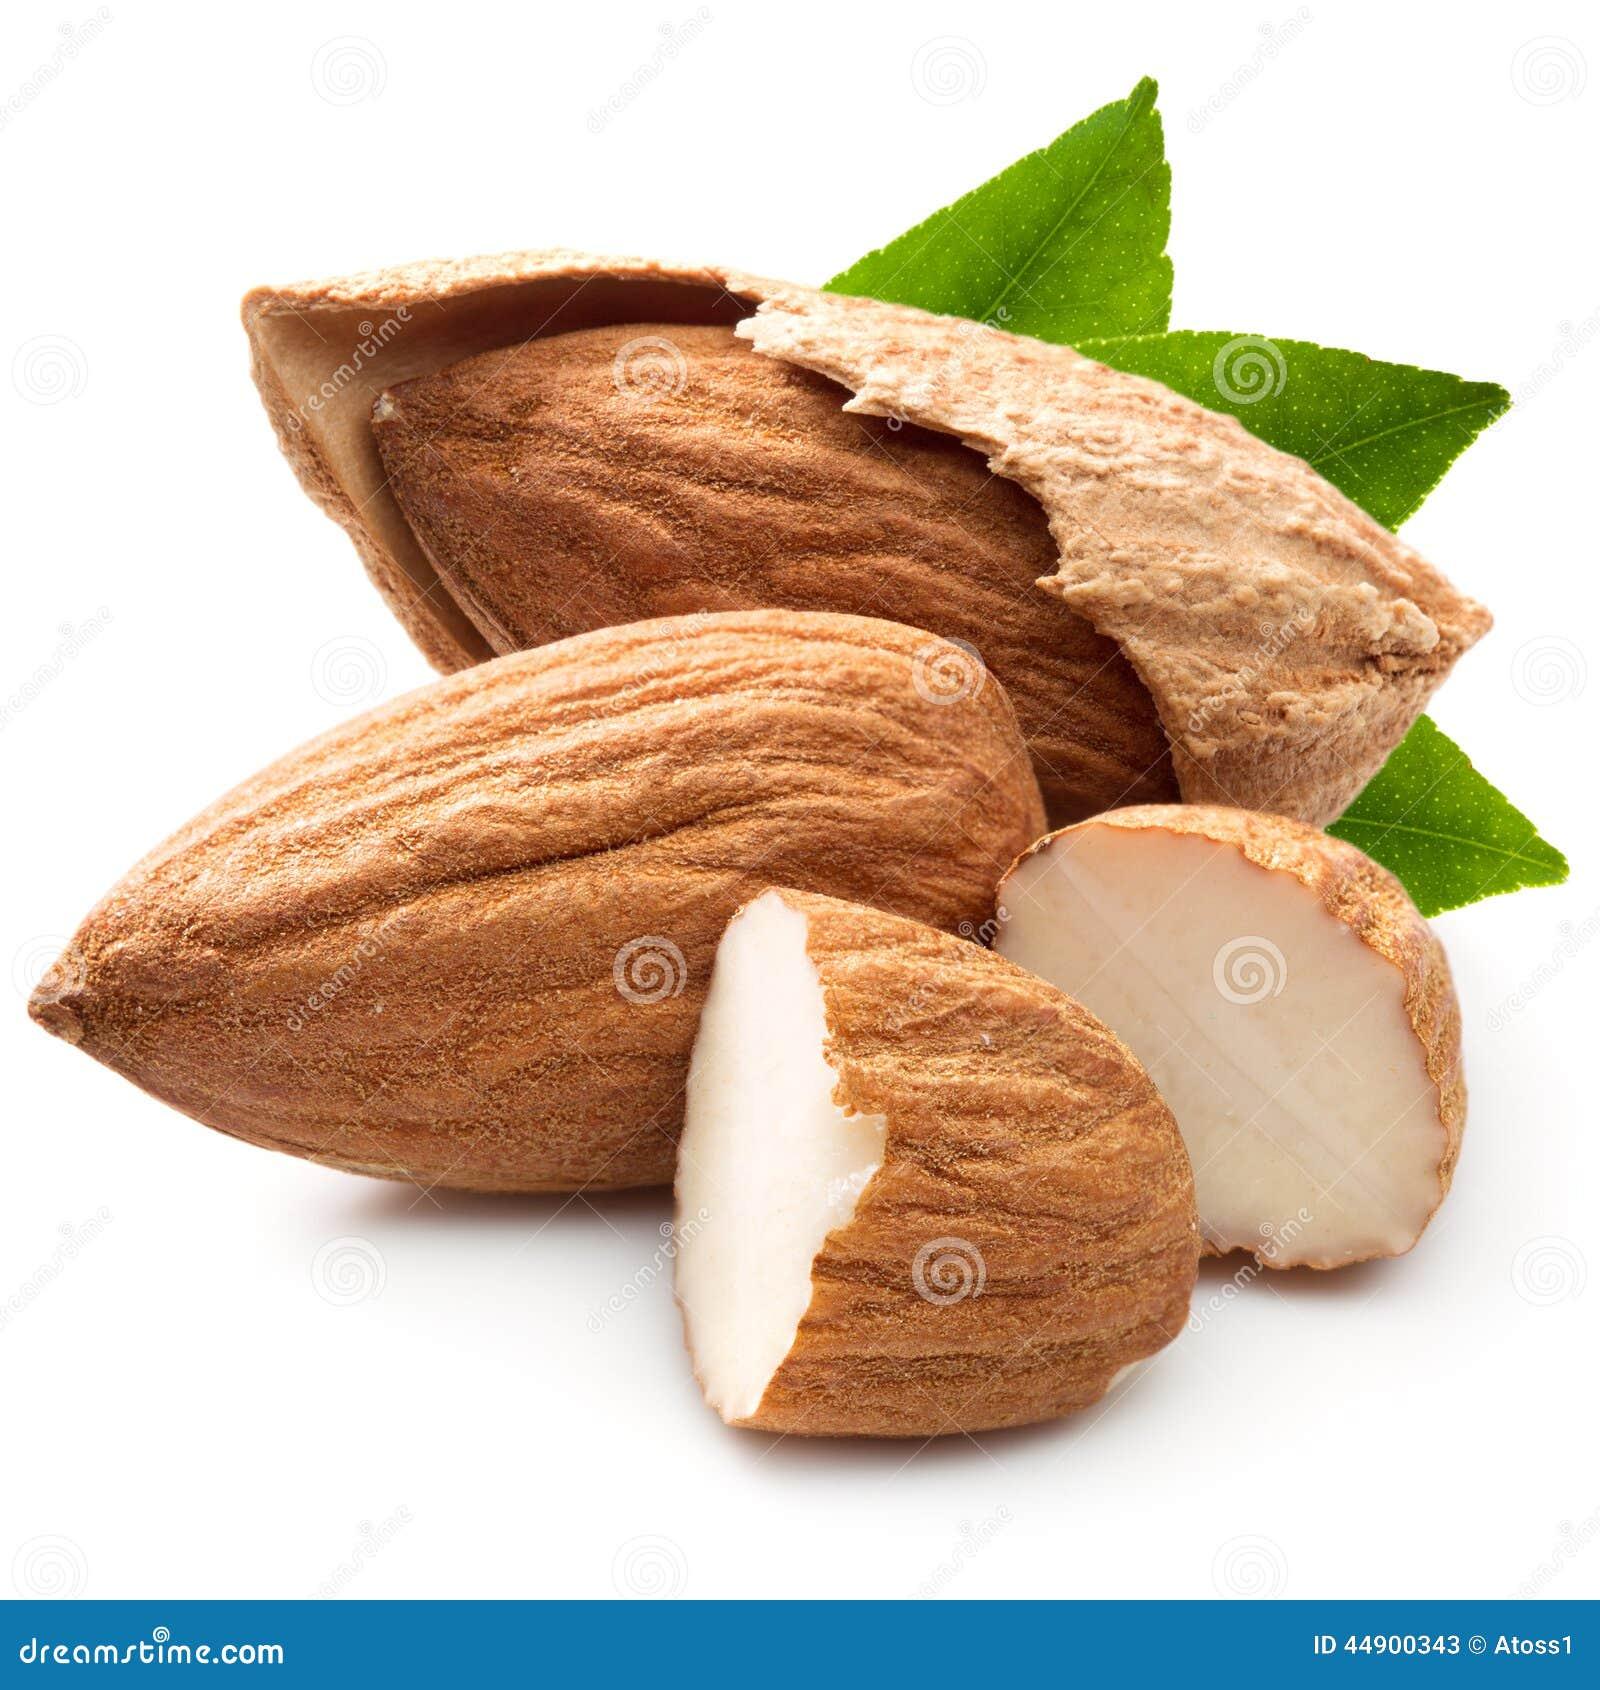 Almendras nuts